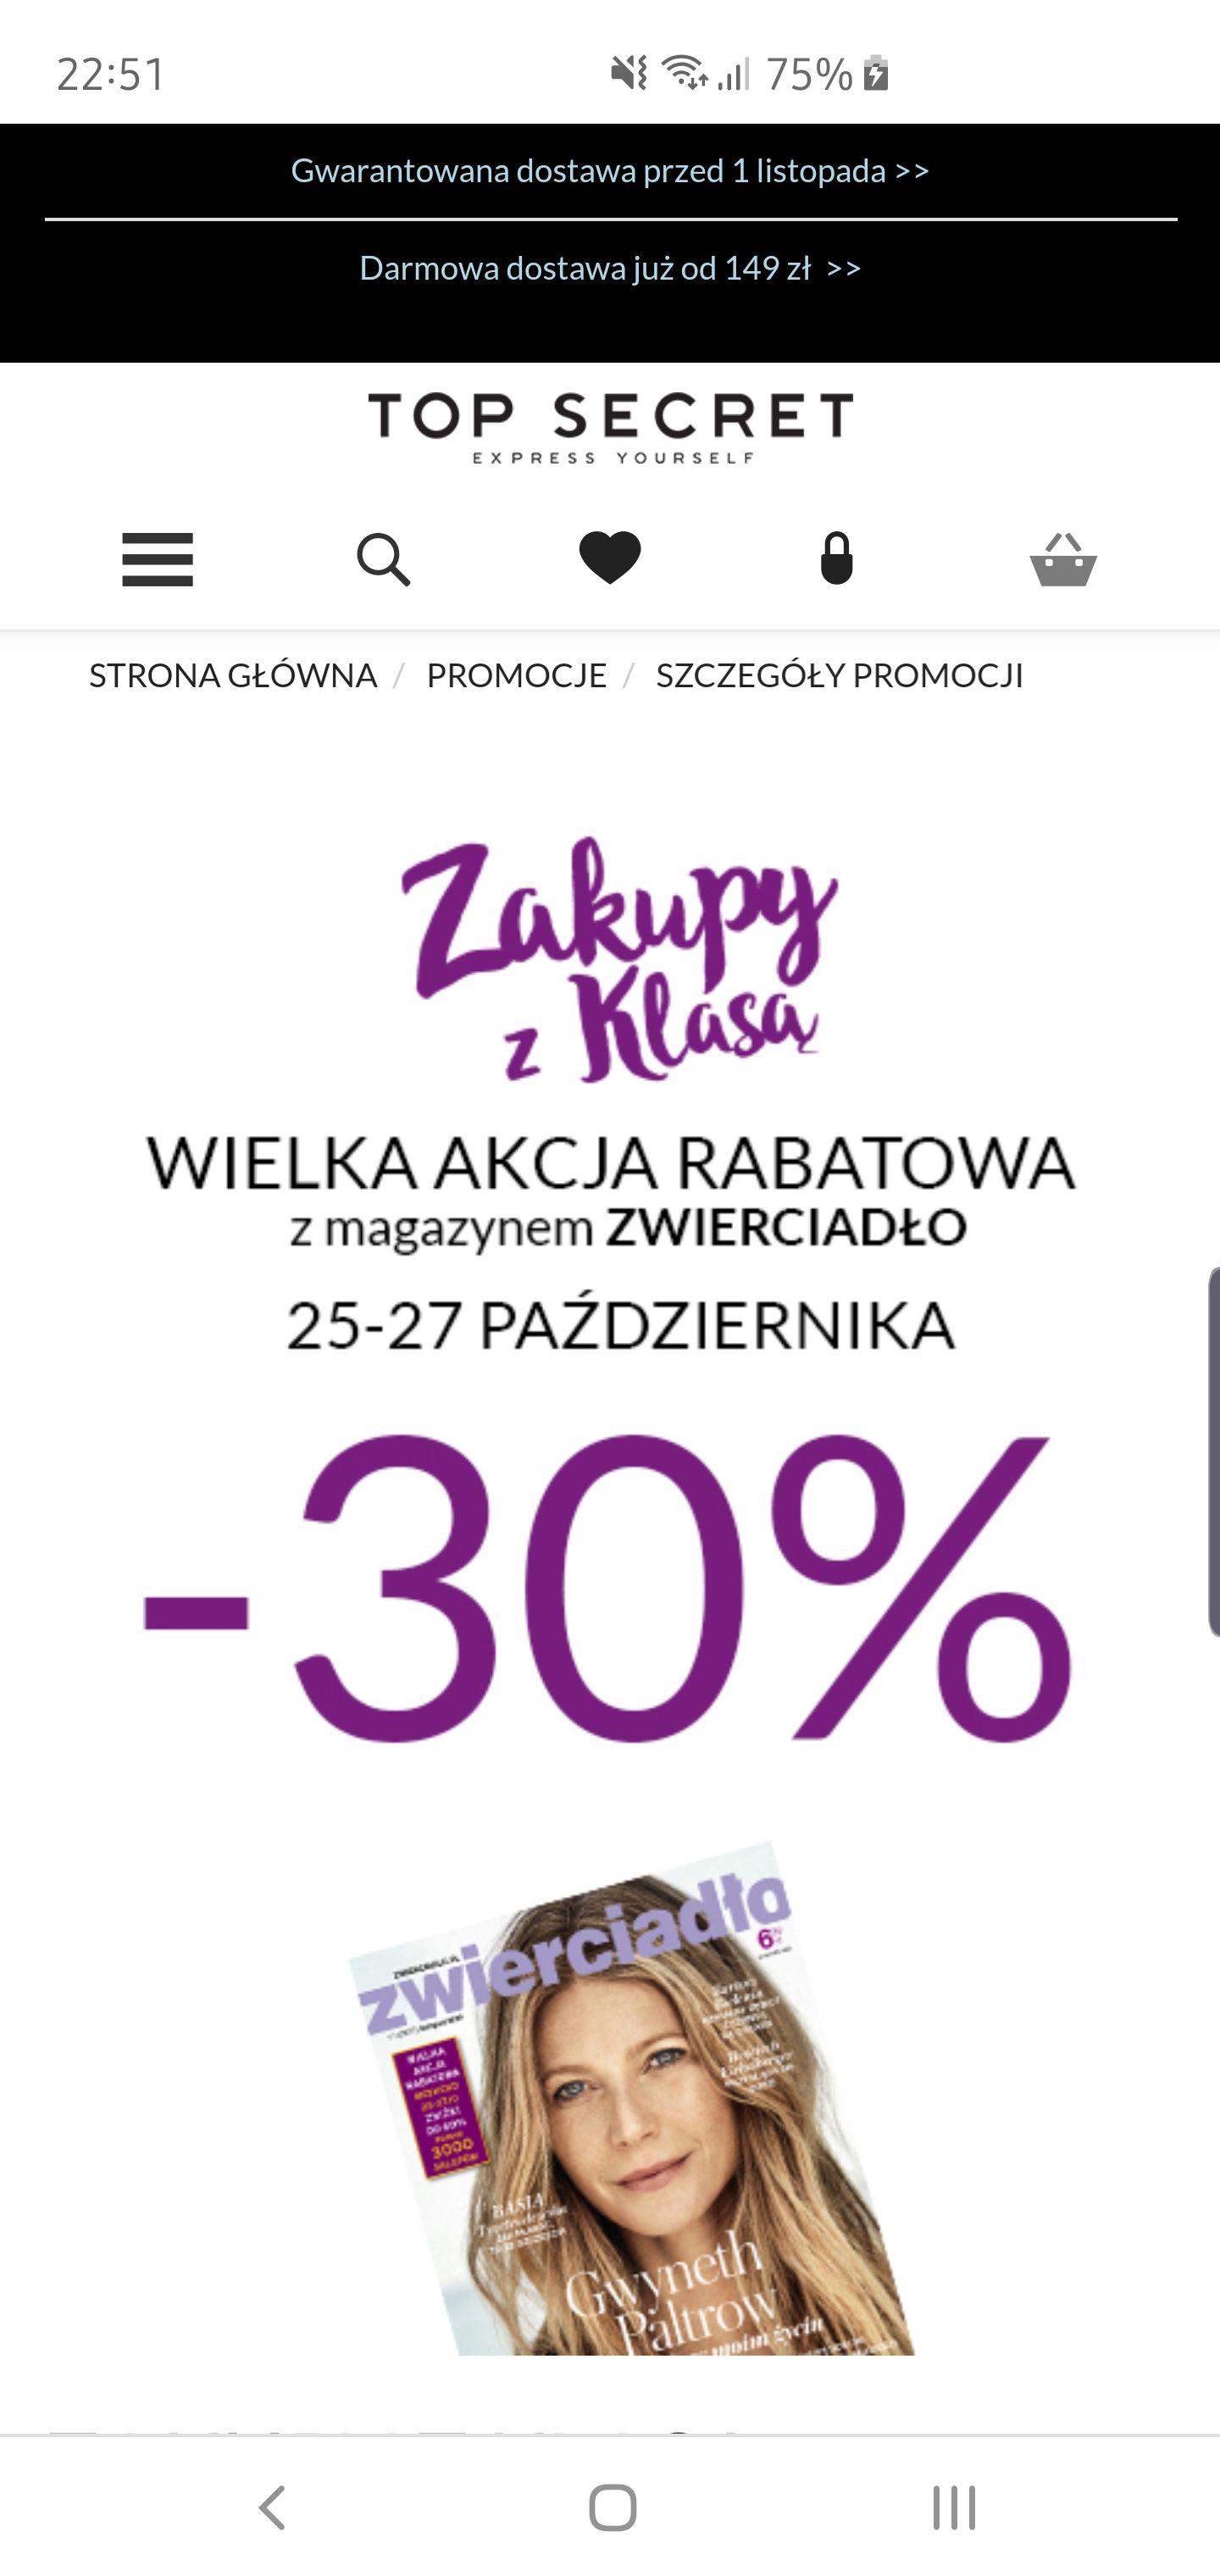 Top Secret minus 30% z magazynem Zwierciadło